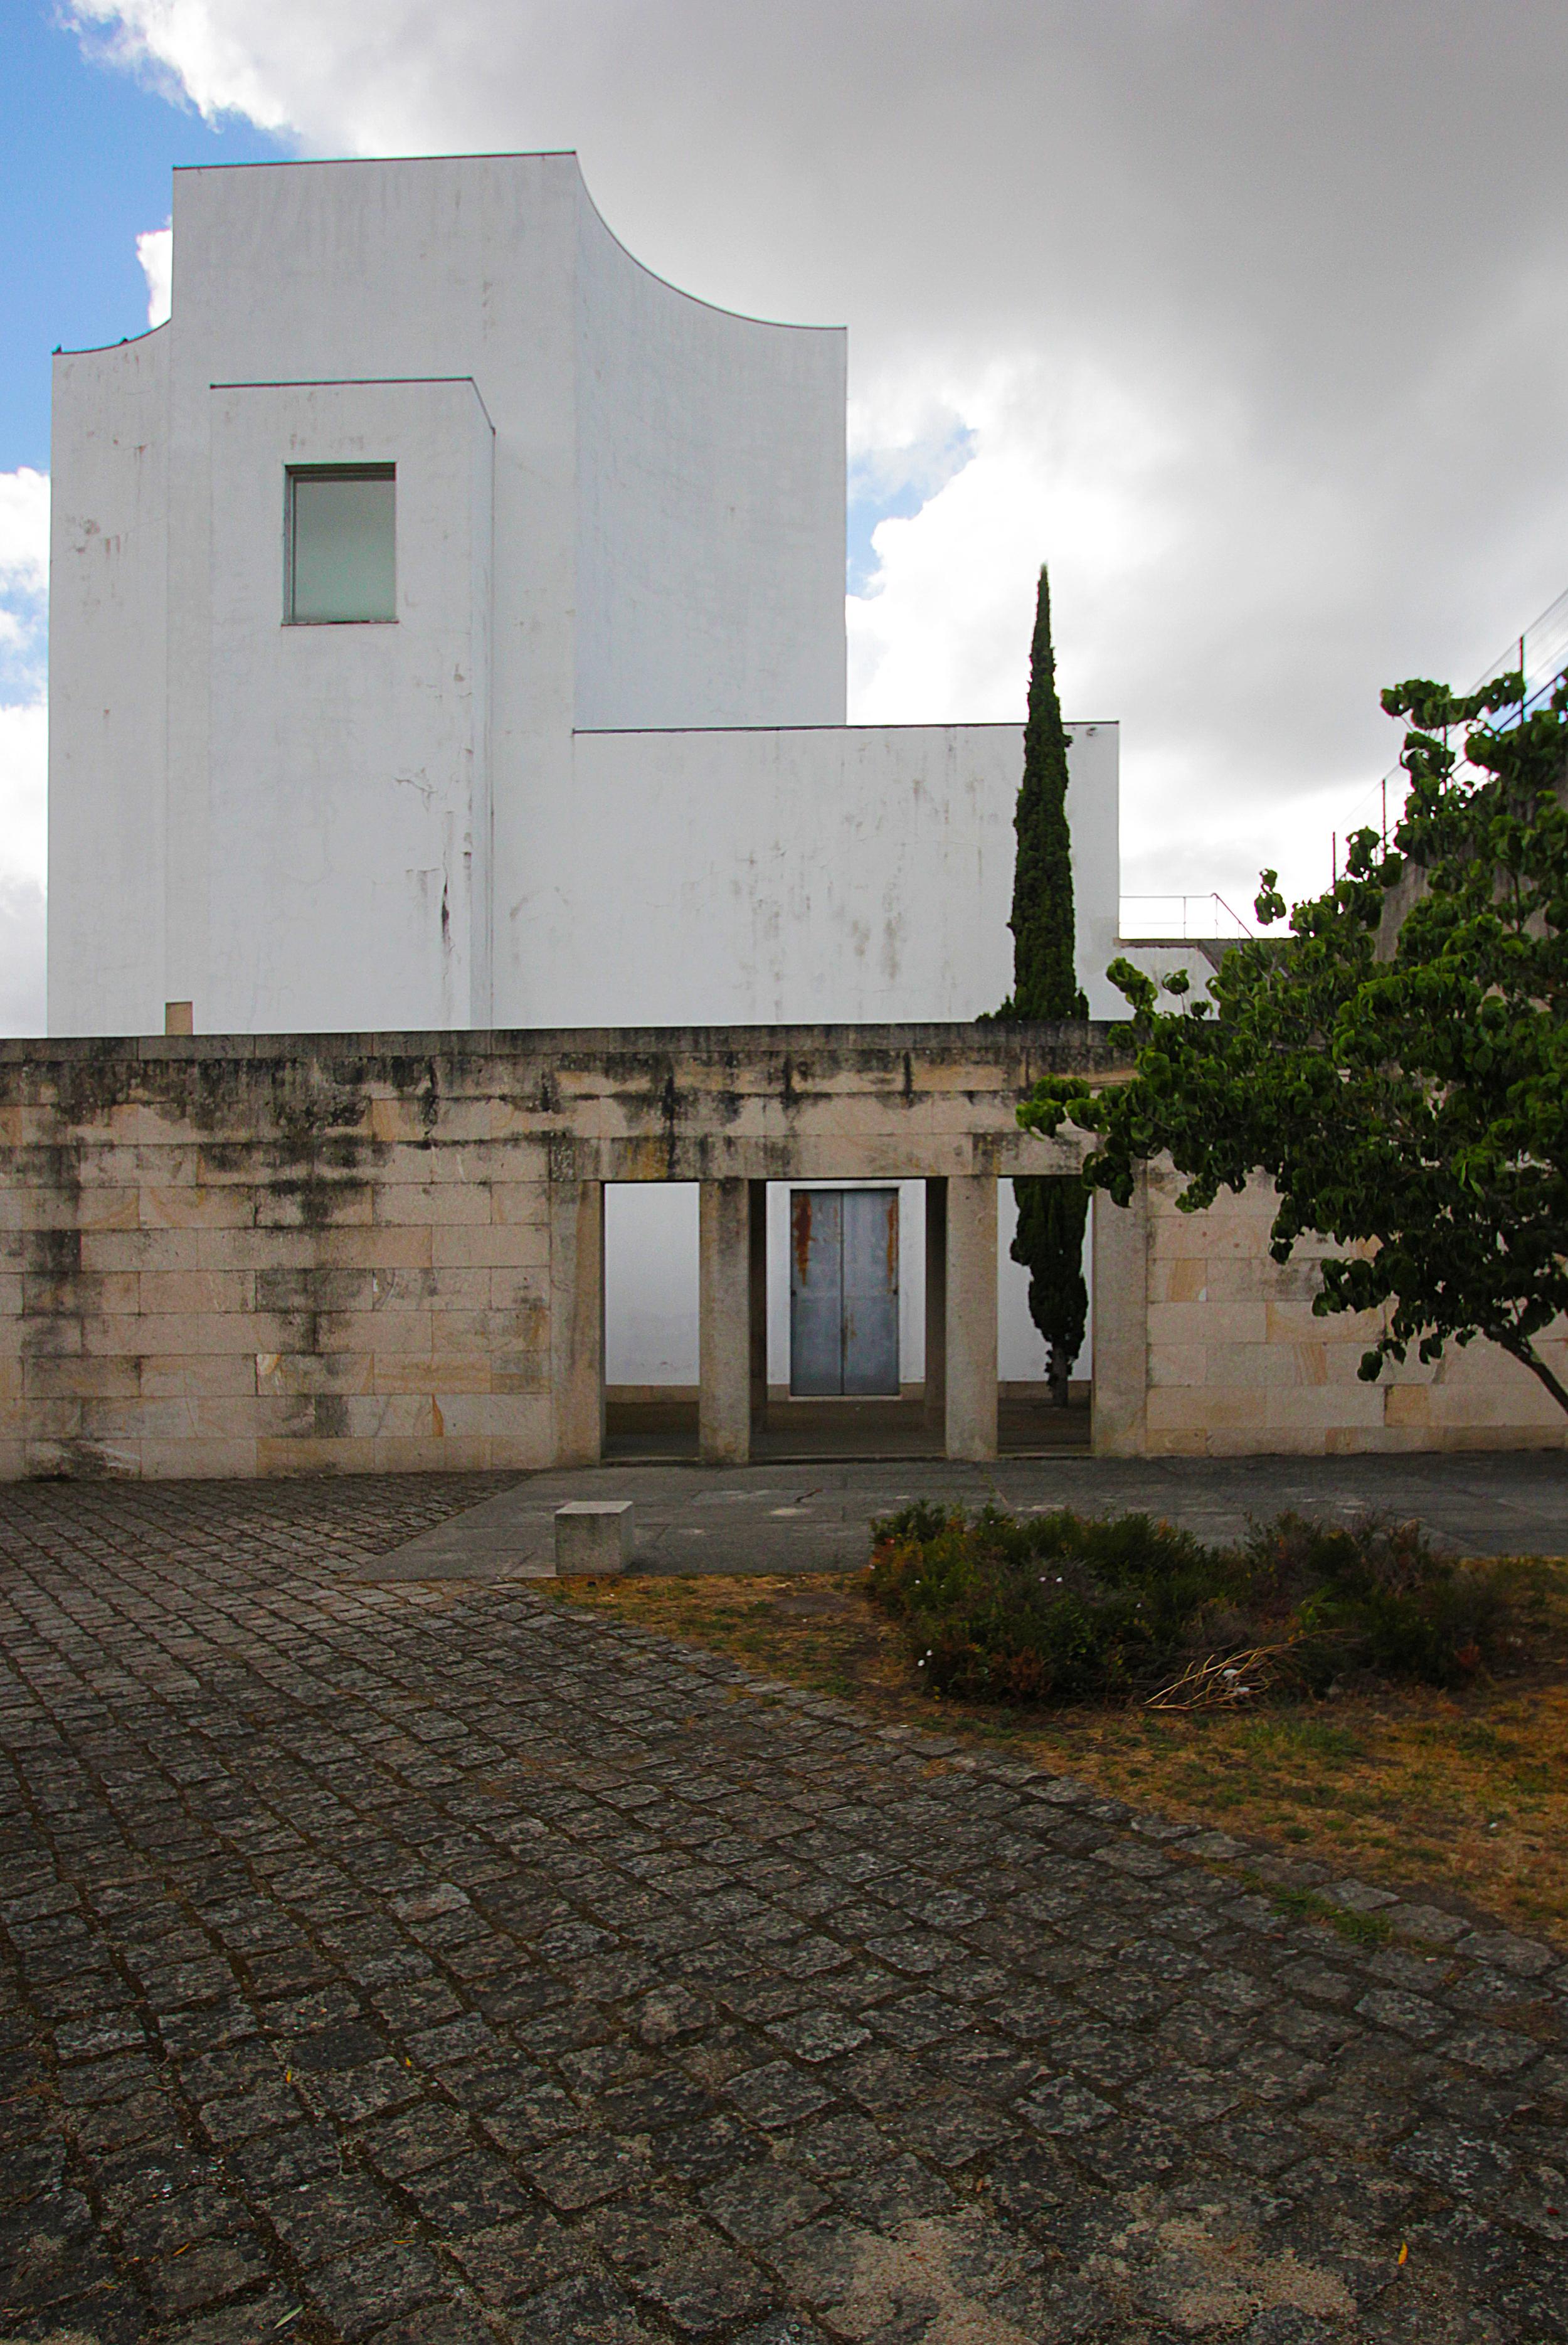 The architecture of Alvaro Siza